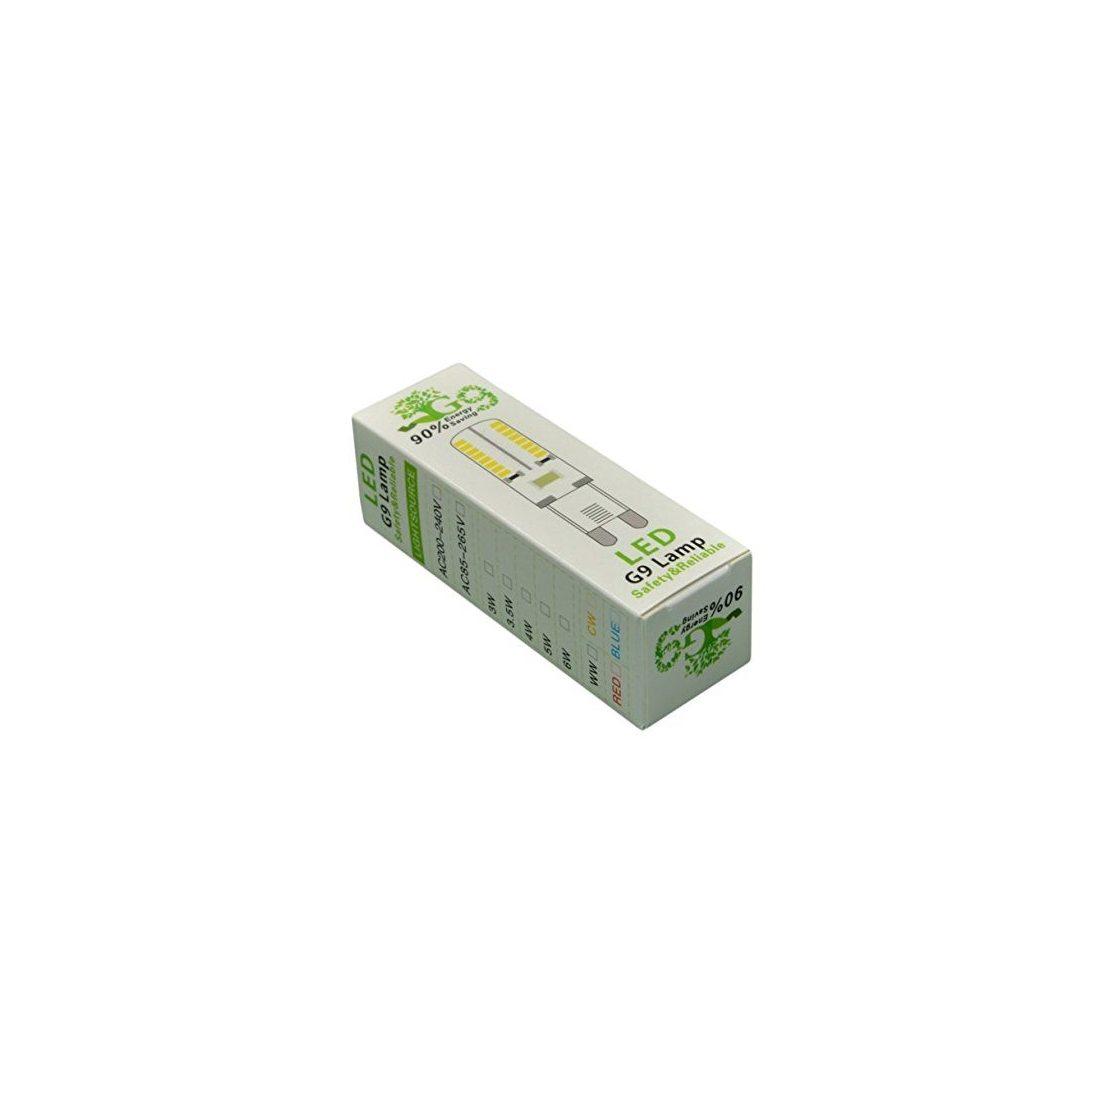 HHD® Lot de 10 Ampoule G9 LED 3.5W Ampoule Lampe 64 SMD 3014 LED Blanc Froid 300LM Super Lumineux LED Ampoule Spot LED Rempla